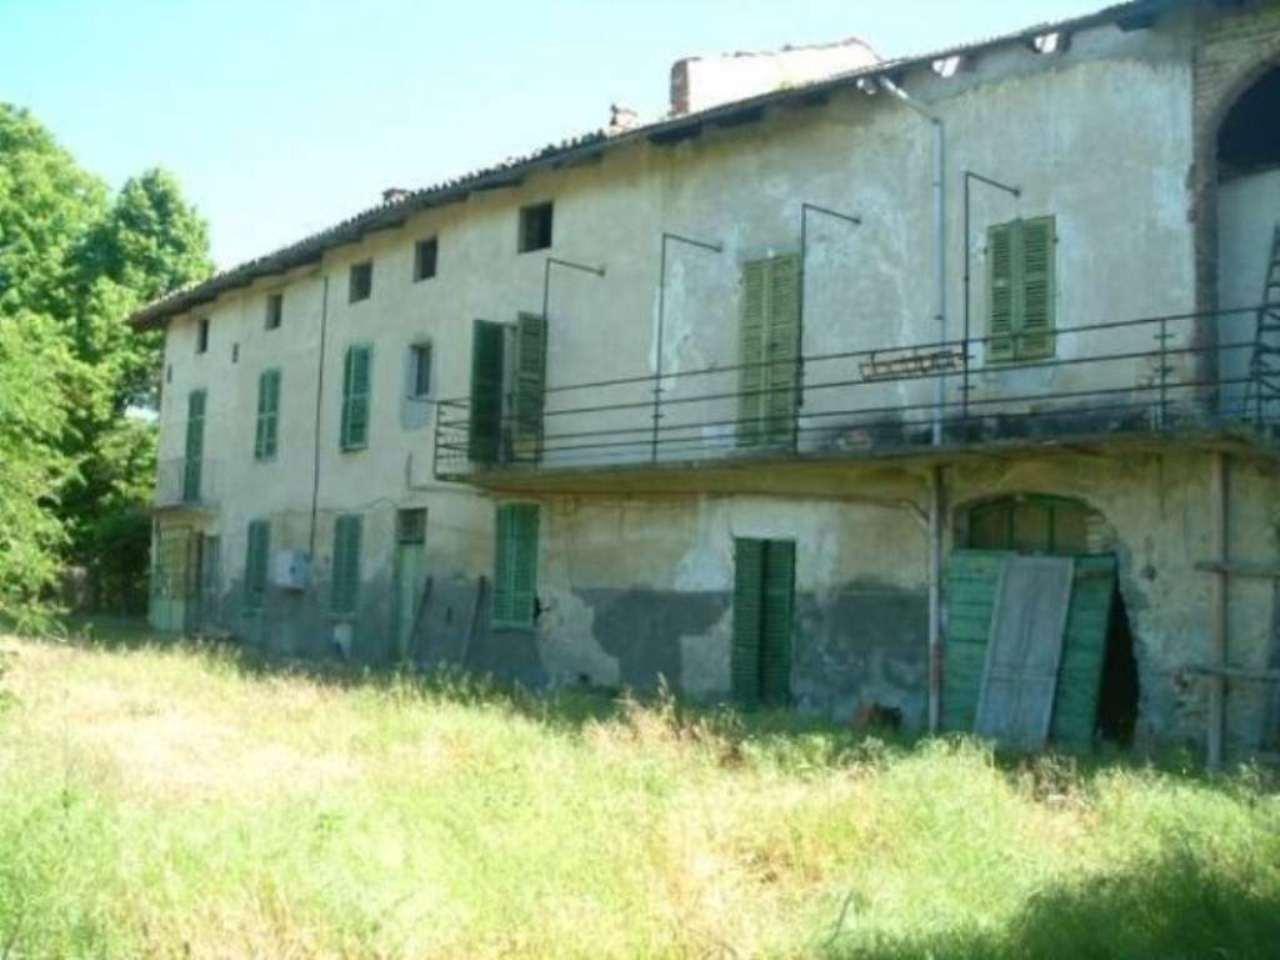 Rustico / Casale in vendita a Montiglio Monferrato, 6 locali, prezzo € 76.000 | Cambio Casa.it